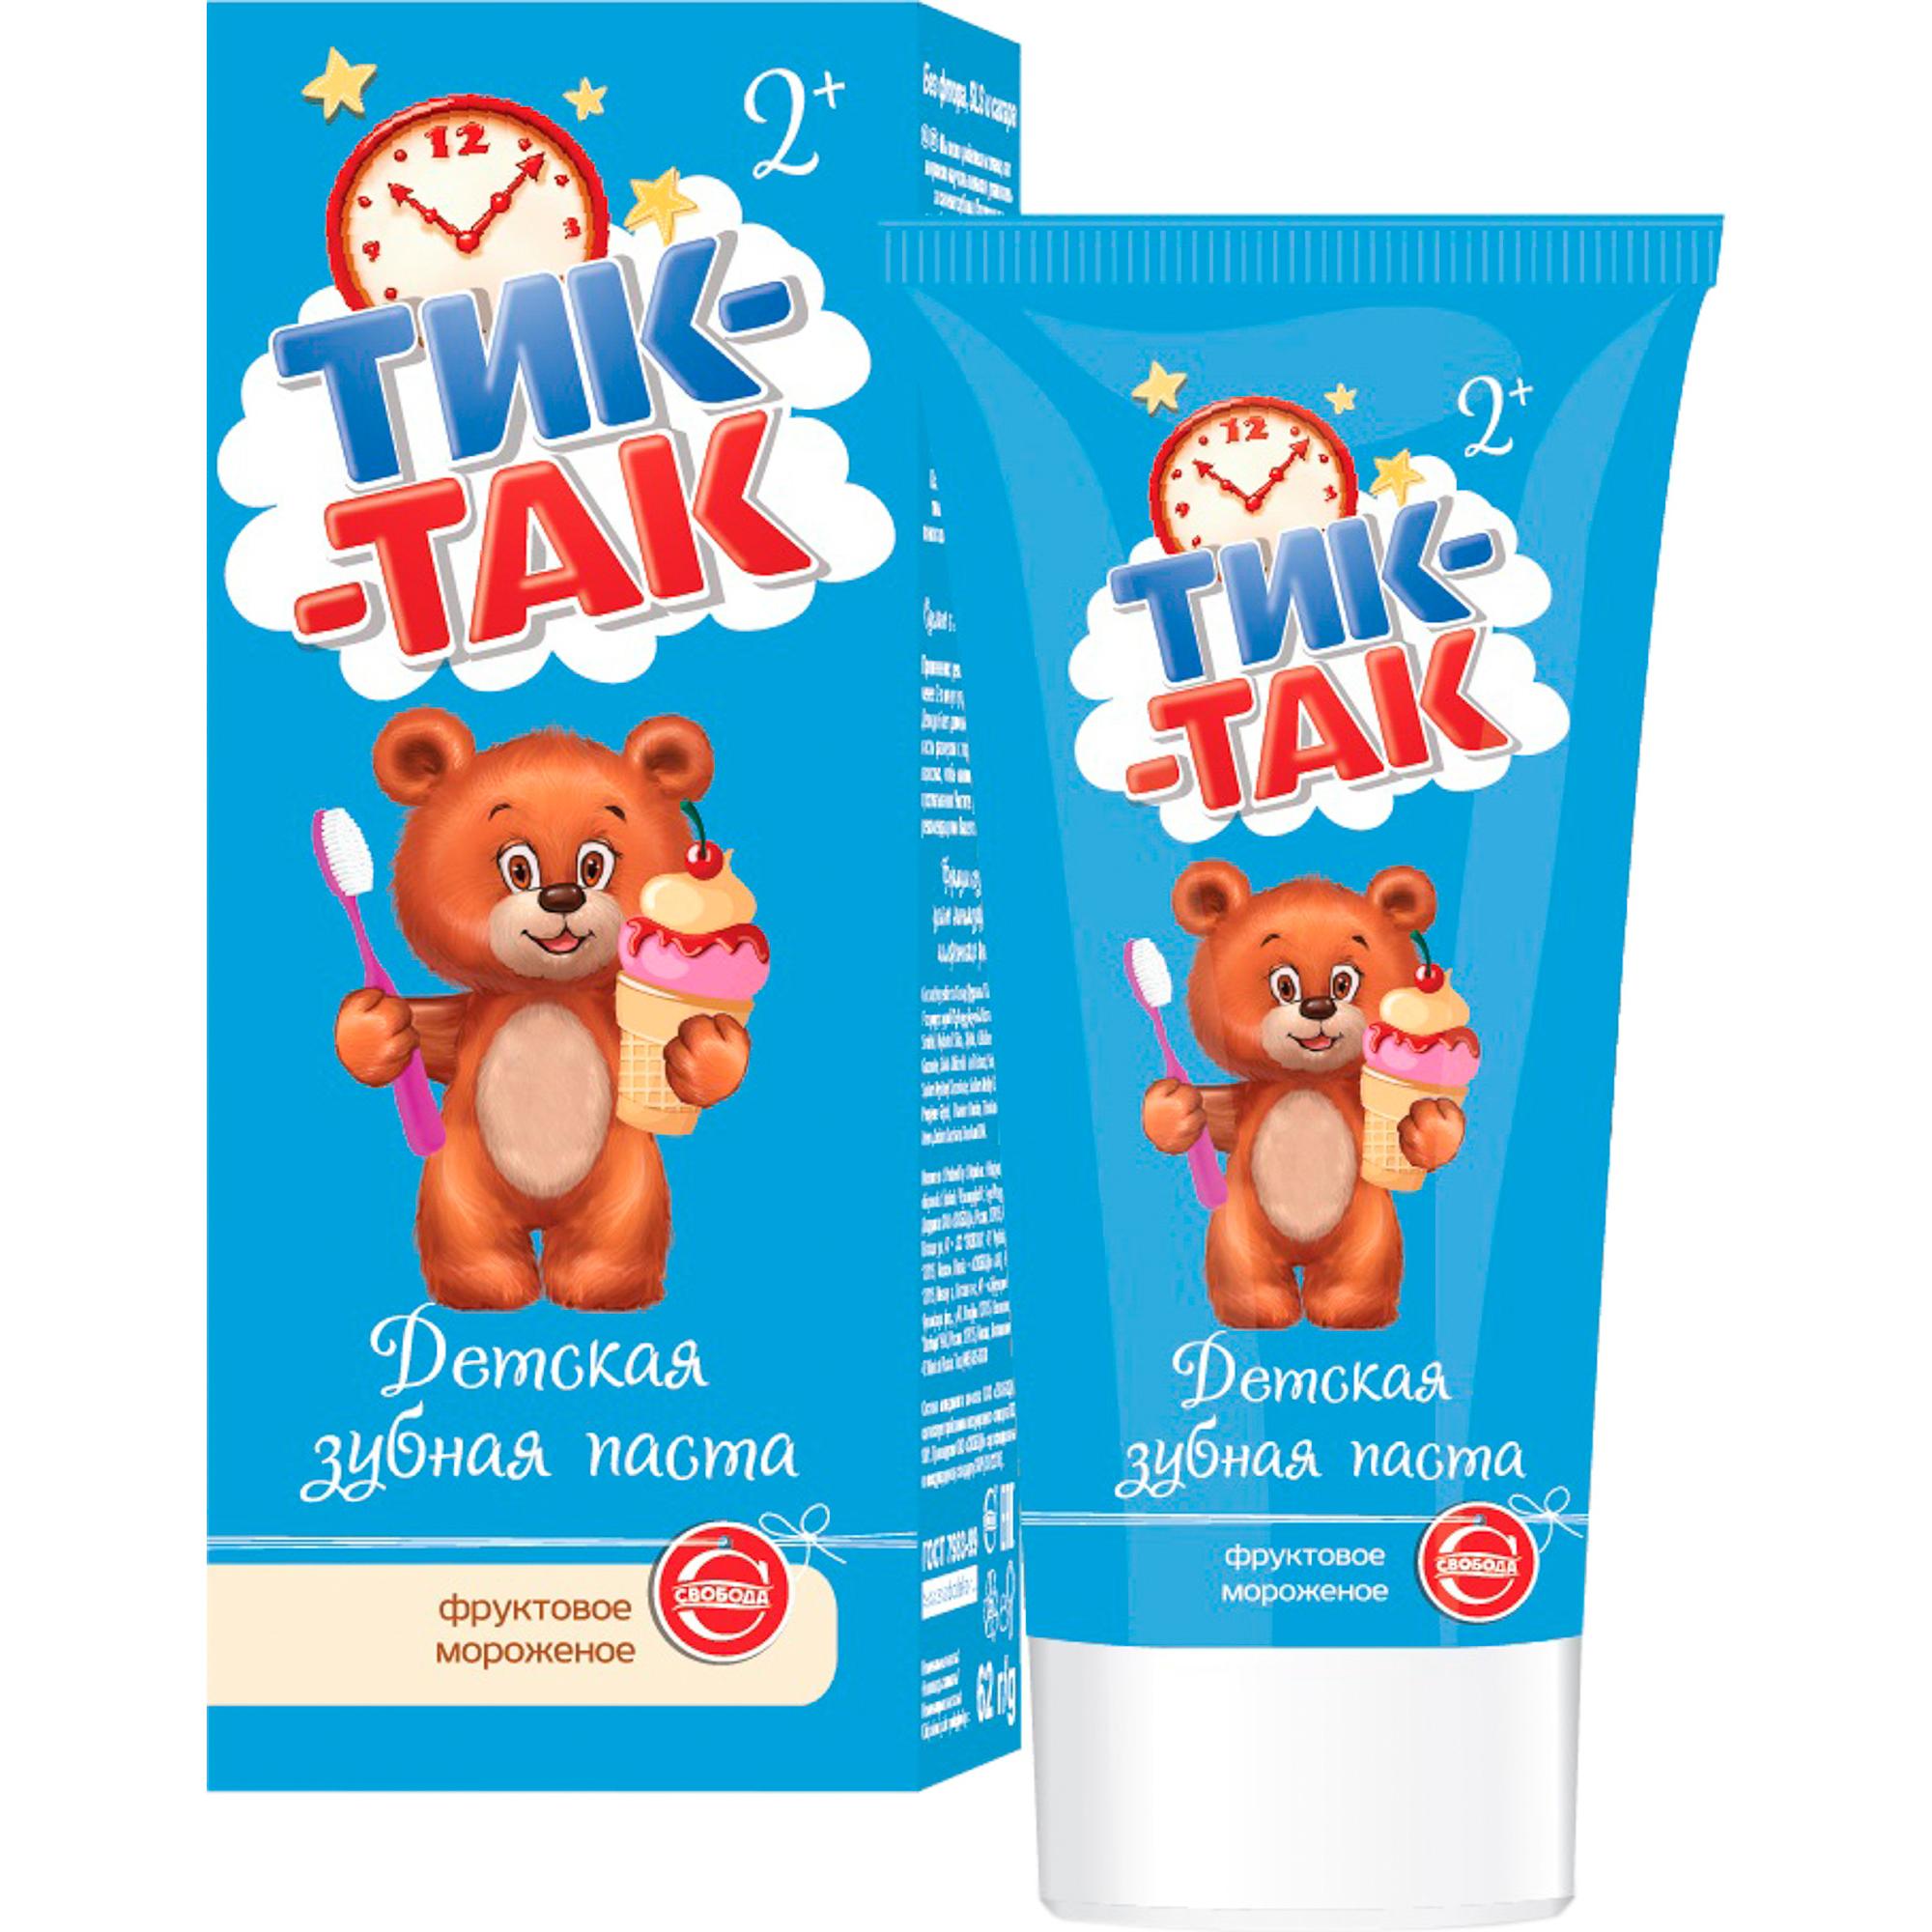 Детская зубная паста Тик-Так Фруктовое мороженое 62 г.